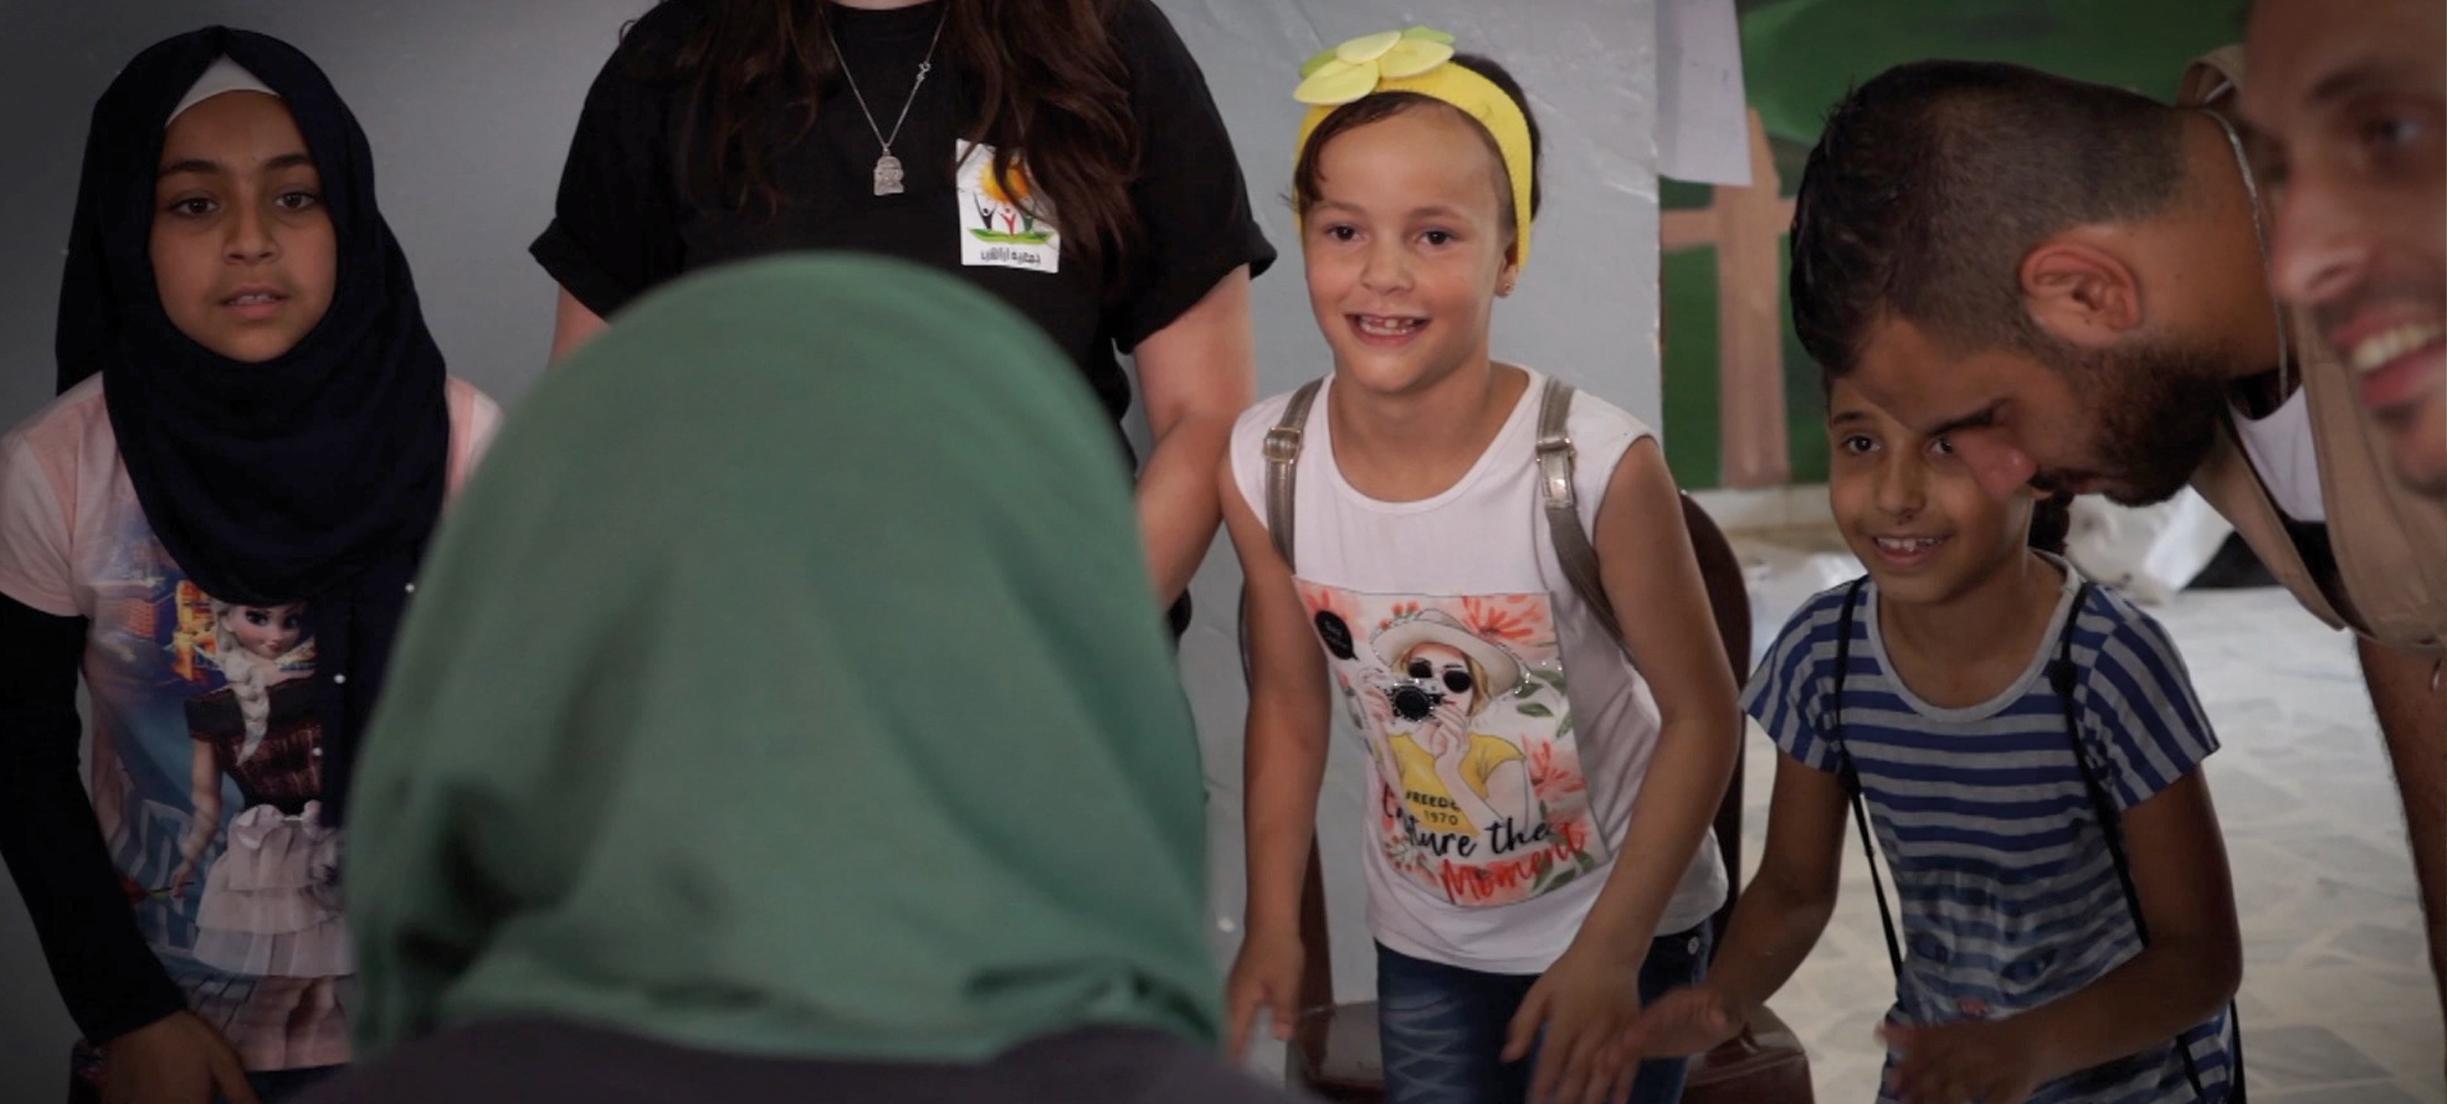 Muziek helpt kinderen in conflictgebieden